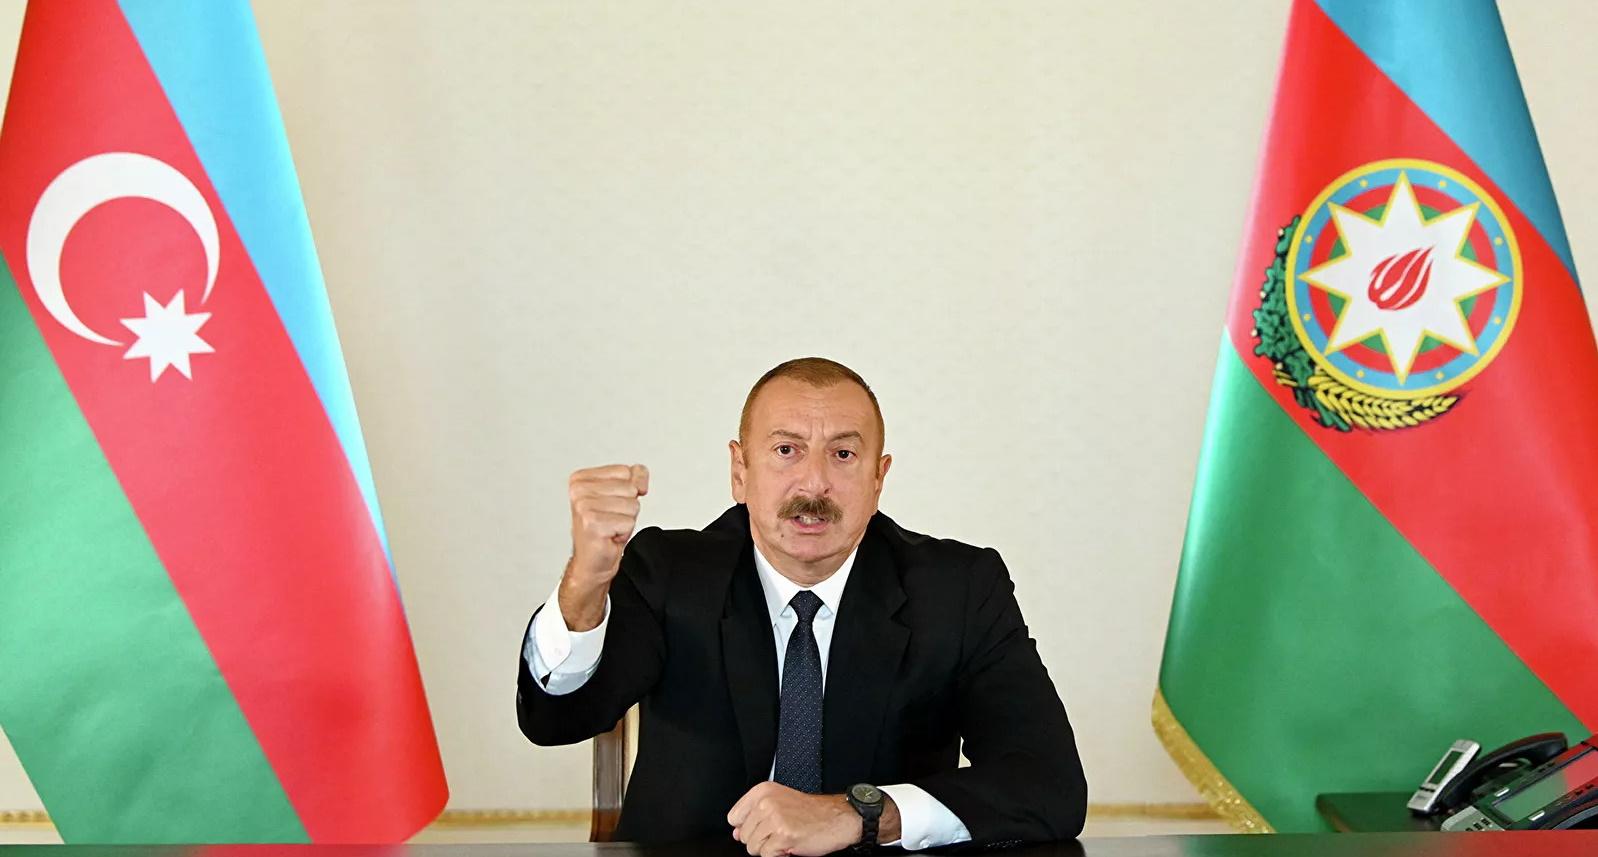 Алиев сообщил об освобождении 16 населенных пунктов в Карабахе: полный список